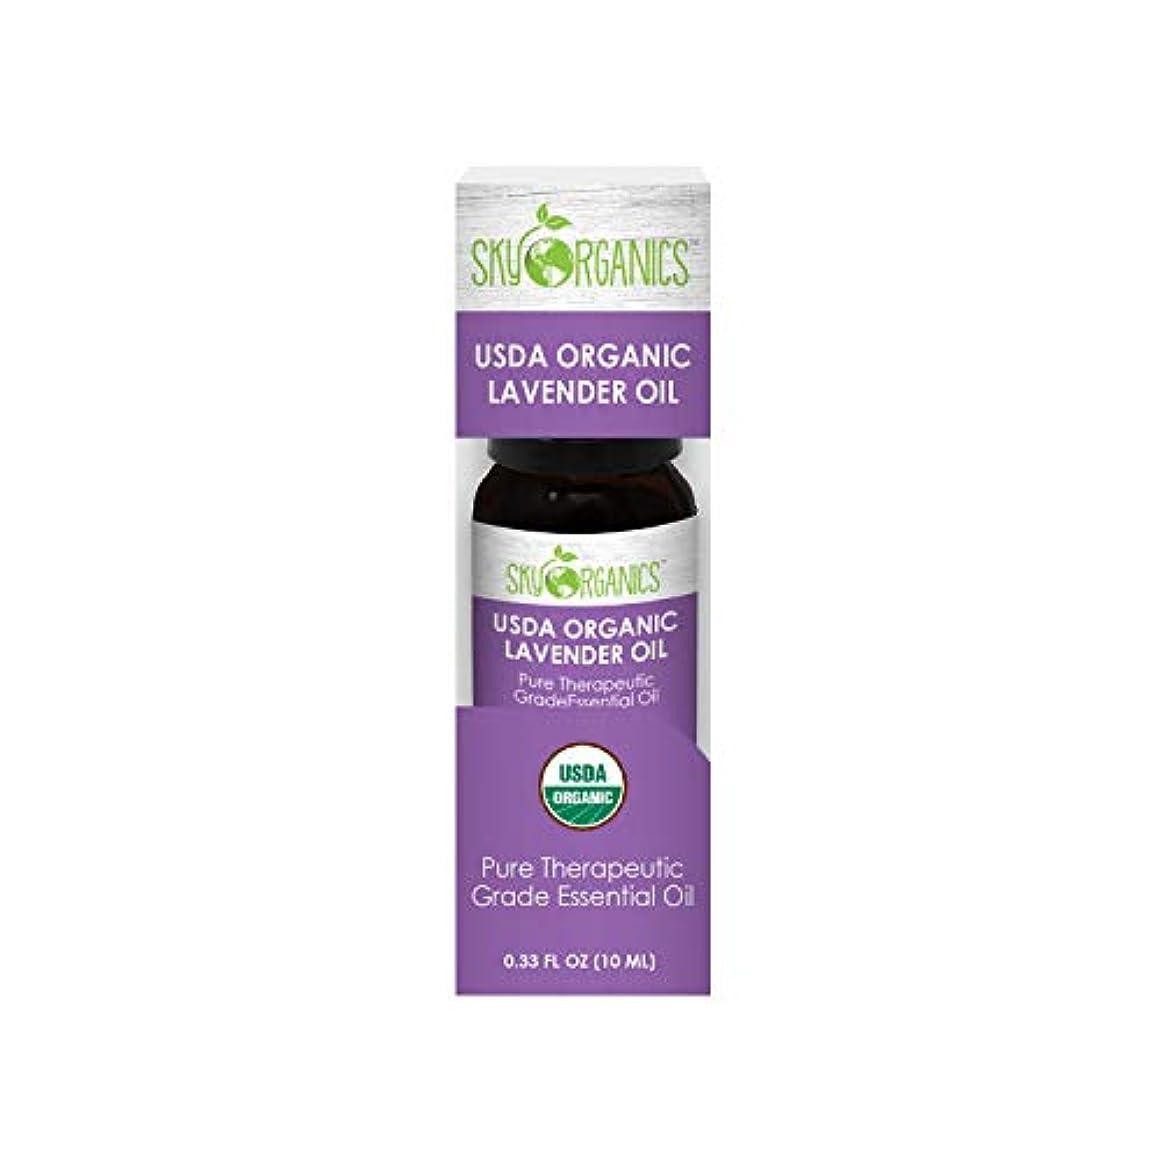 エッセイ連邦オプション認定エッセンシャルオイル Lavender Oil Sky Organics USDAオーガニックラベンダーオイル-10 ml-ピュアセラピューティックグレードのエッセンシャルオイル-ディフューザー、アロマセラピー、マッサージオイル、DIY